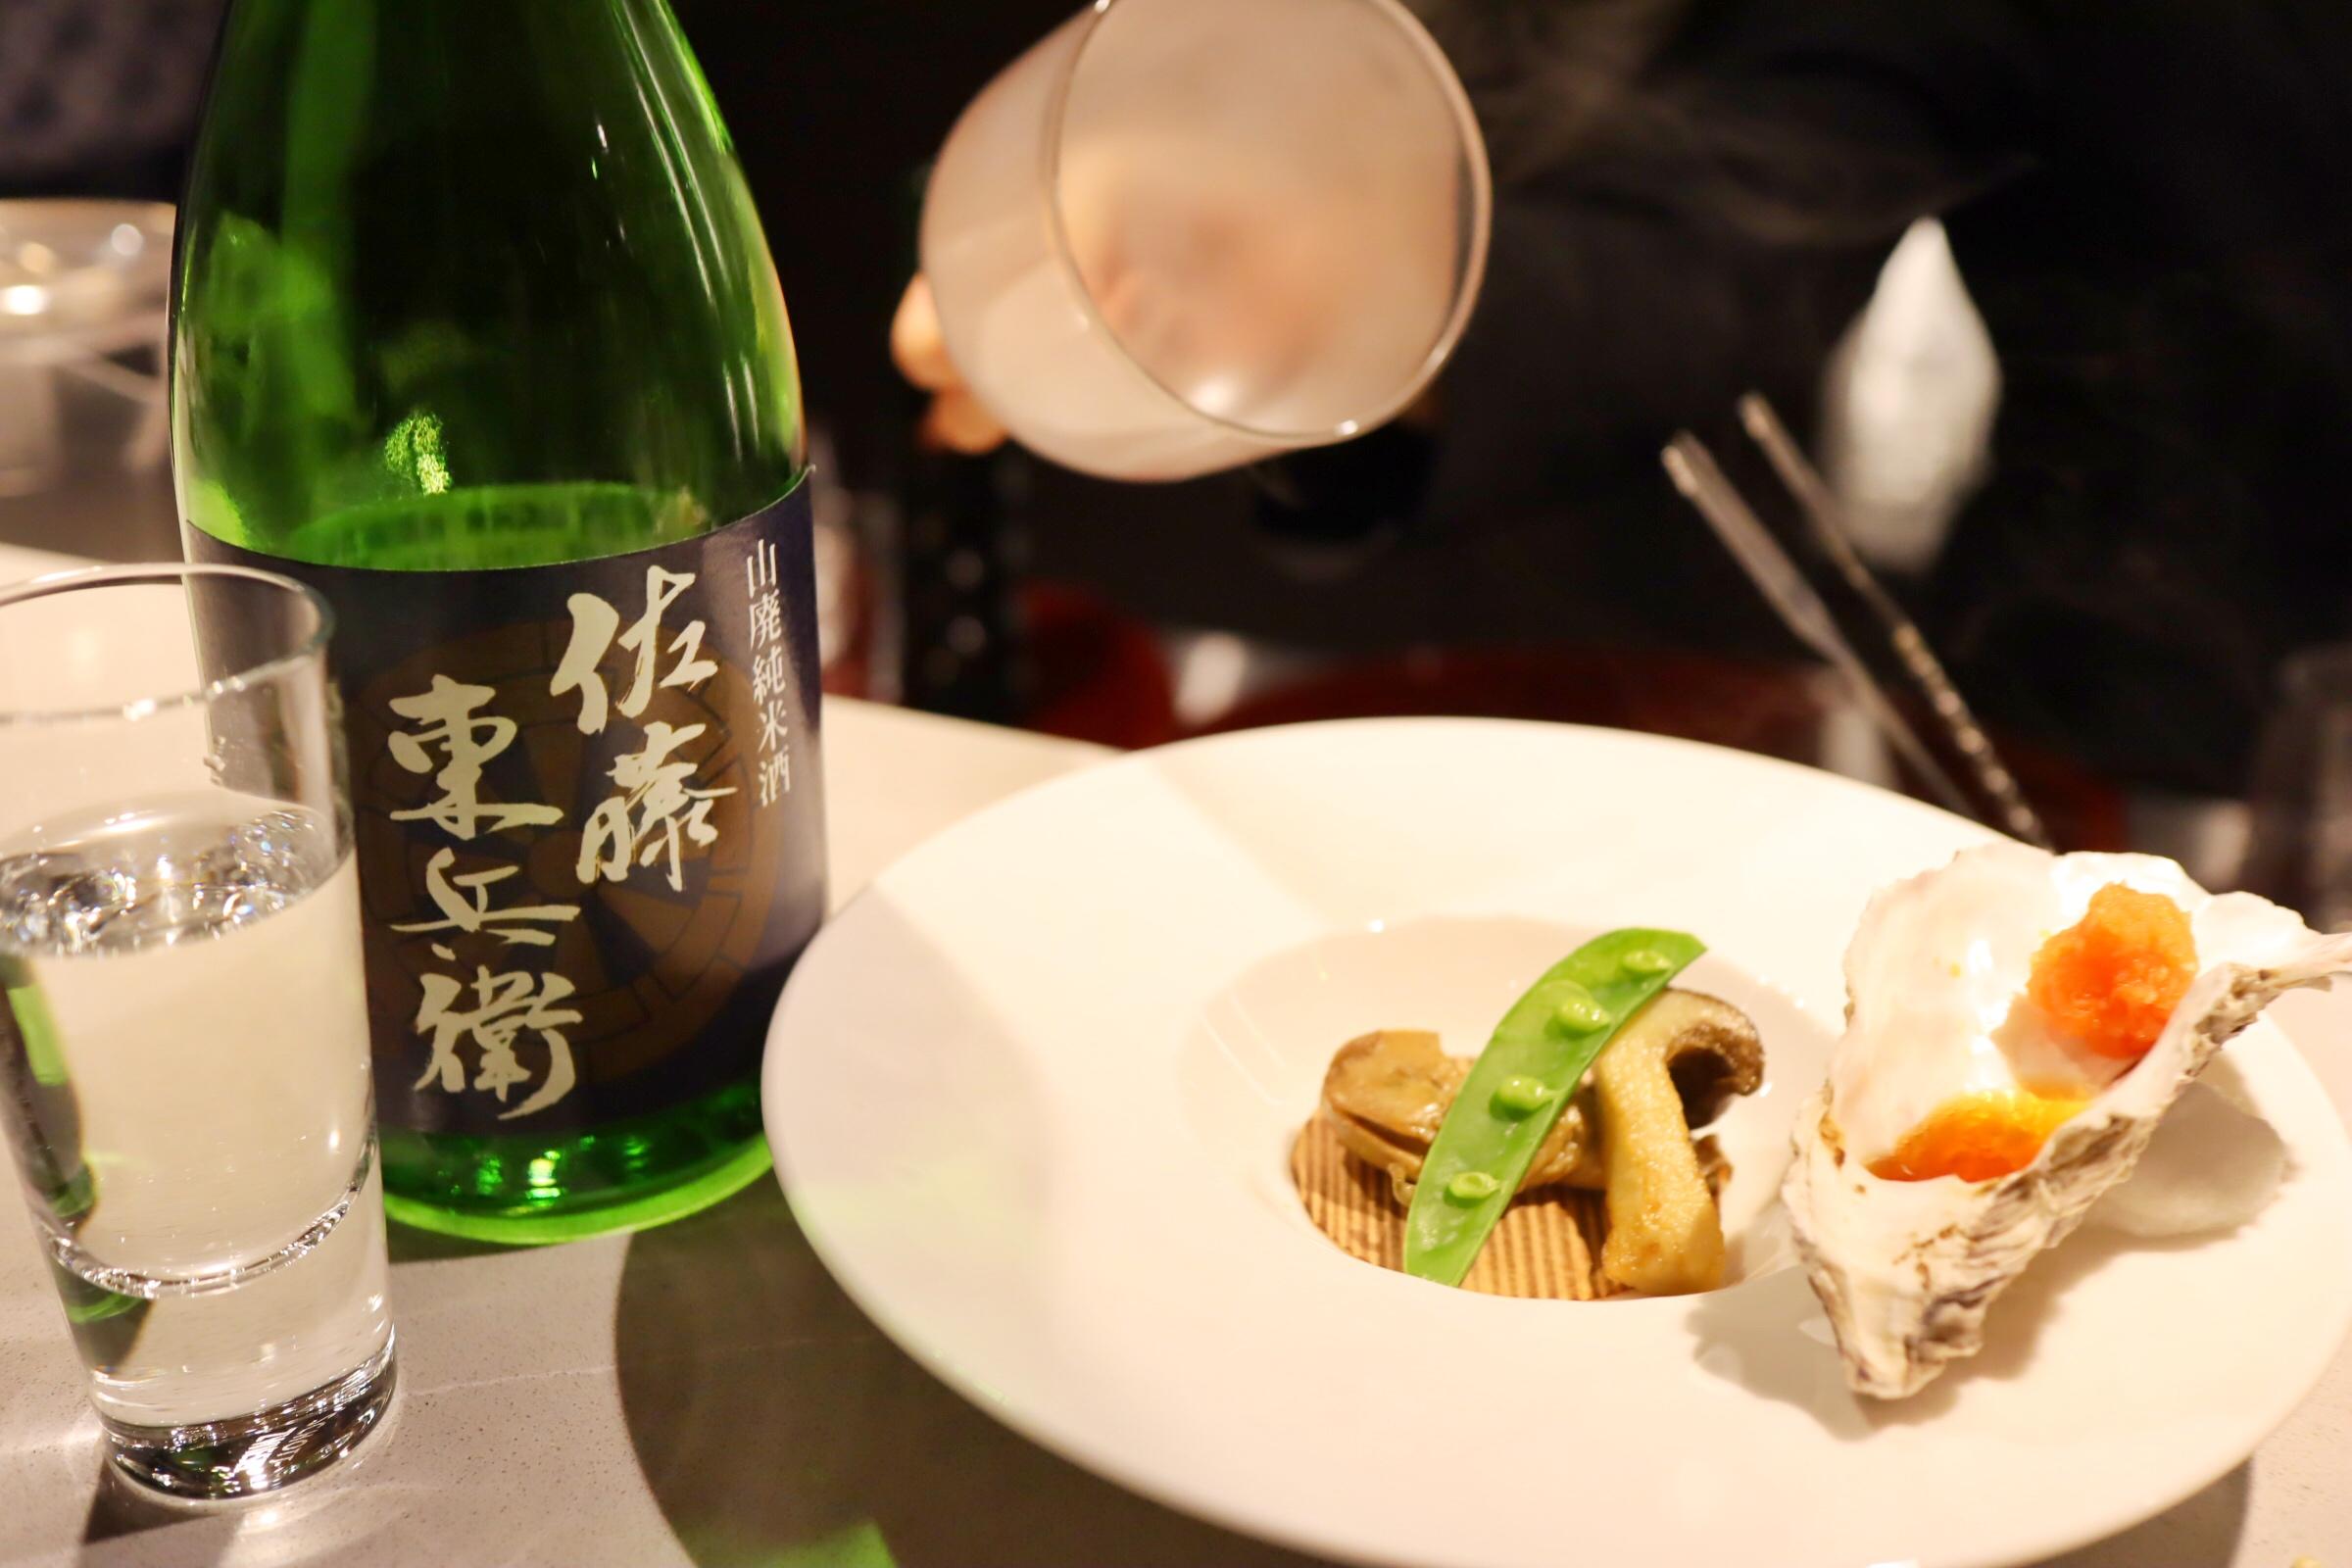 ヒルトン名古屋の日本料理「源氏」に酒バーがオープン!特選地酒と地元食材を使った創作和食とのペアリングを堪能できる - 689530460066f36df8e5496d4c6667d4